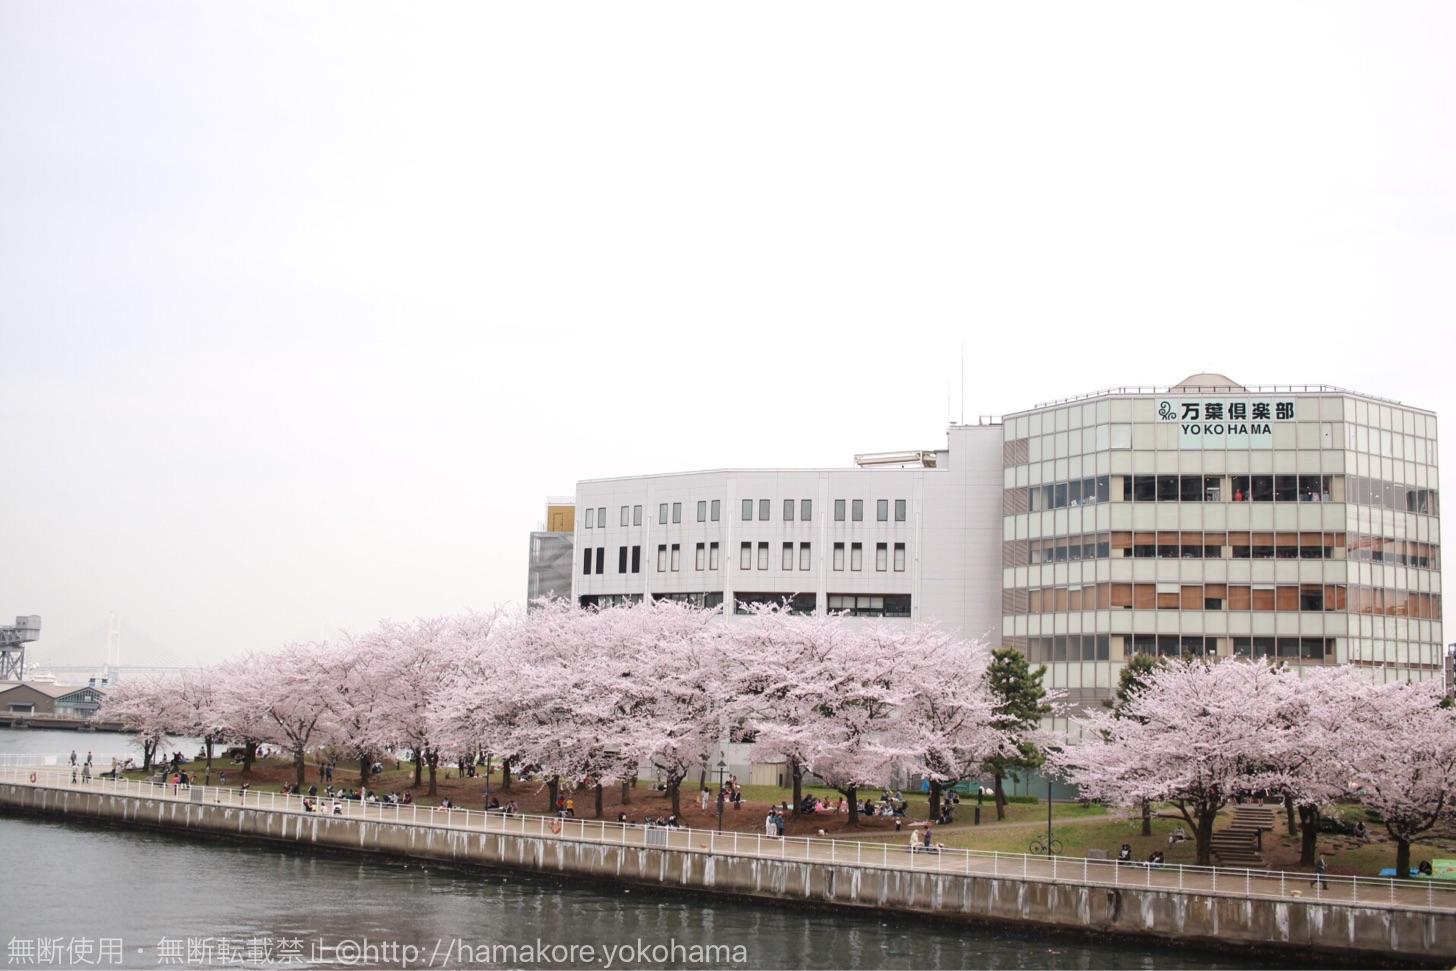 万葉湯倶楽部の前の桜